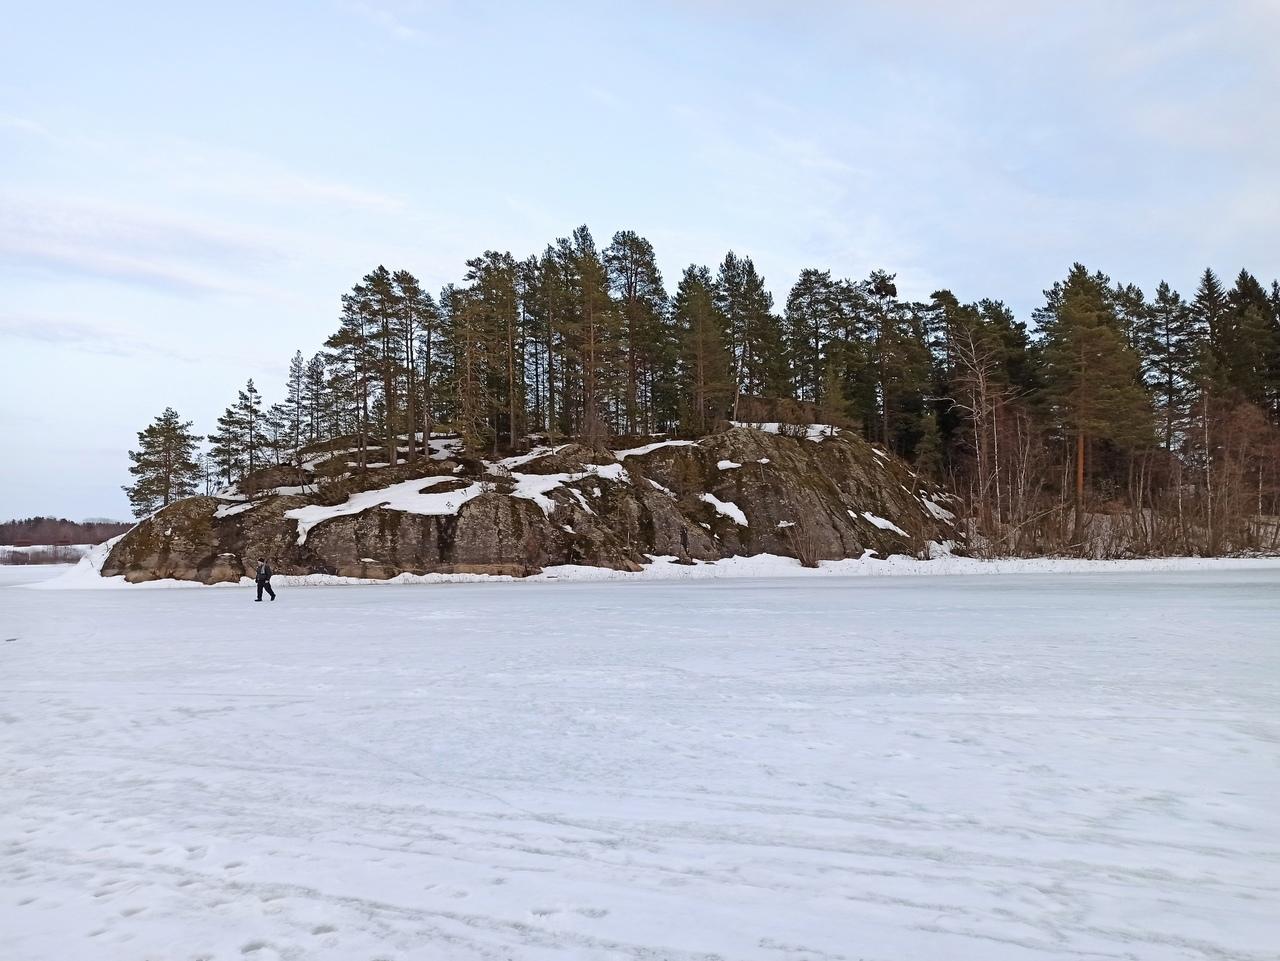 Карелия весной. Лед и скалы. Хийтола - Ристиярви - Сортавала - Лахденпохья